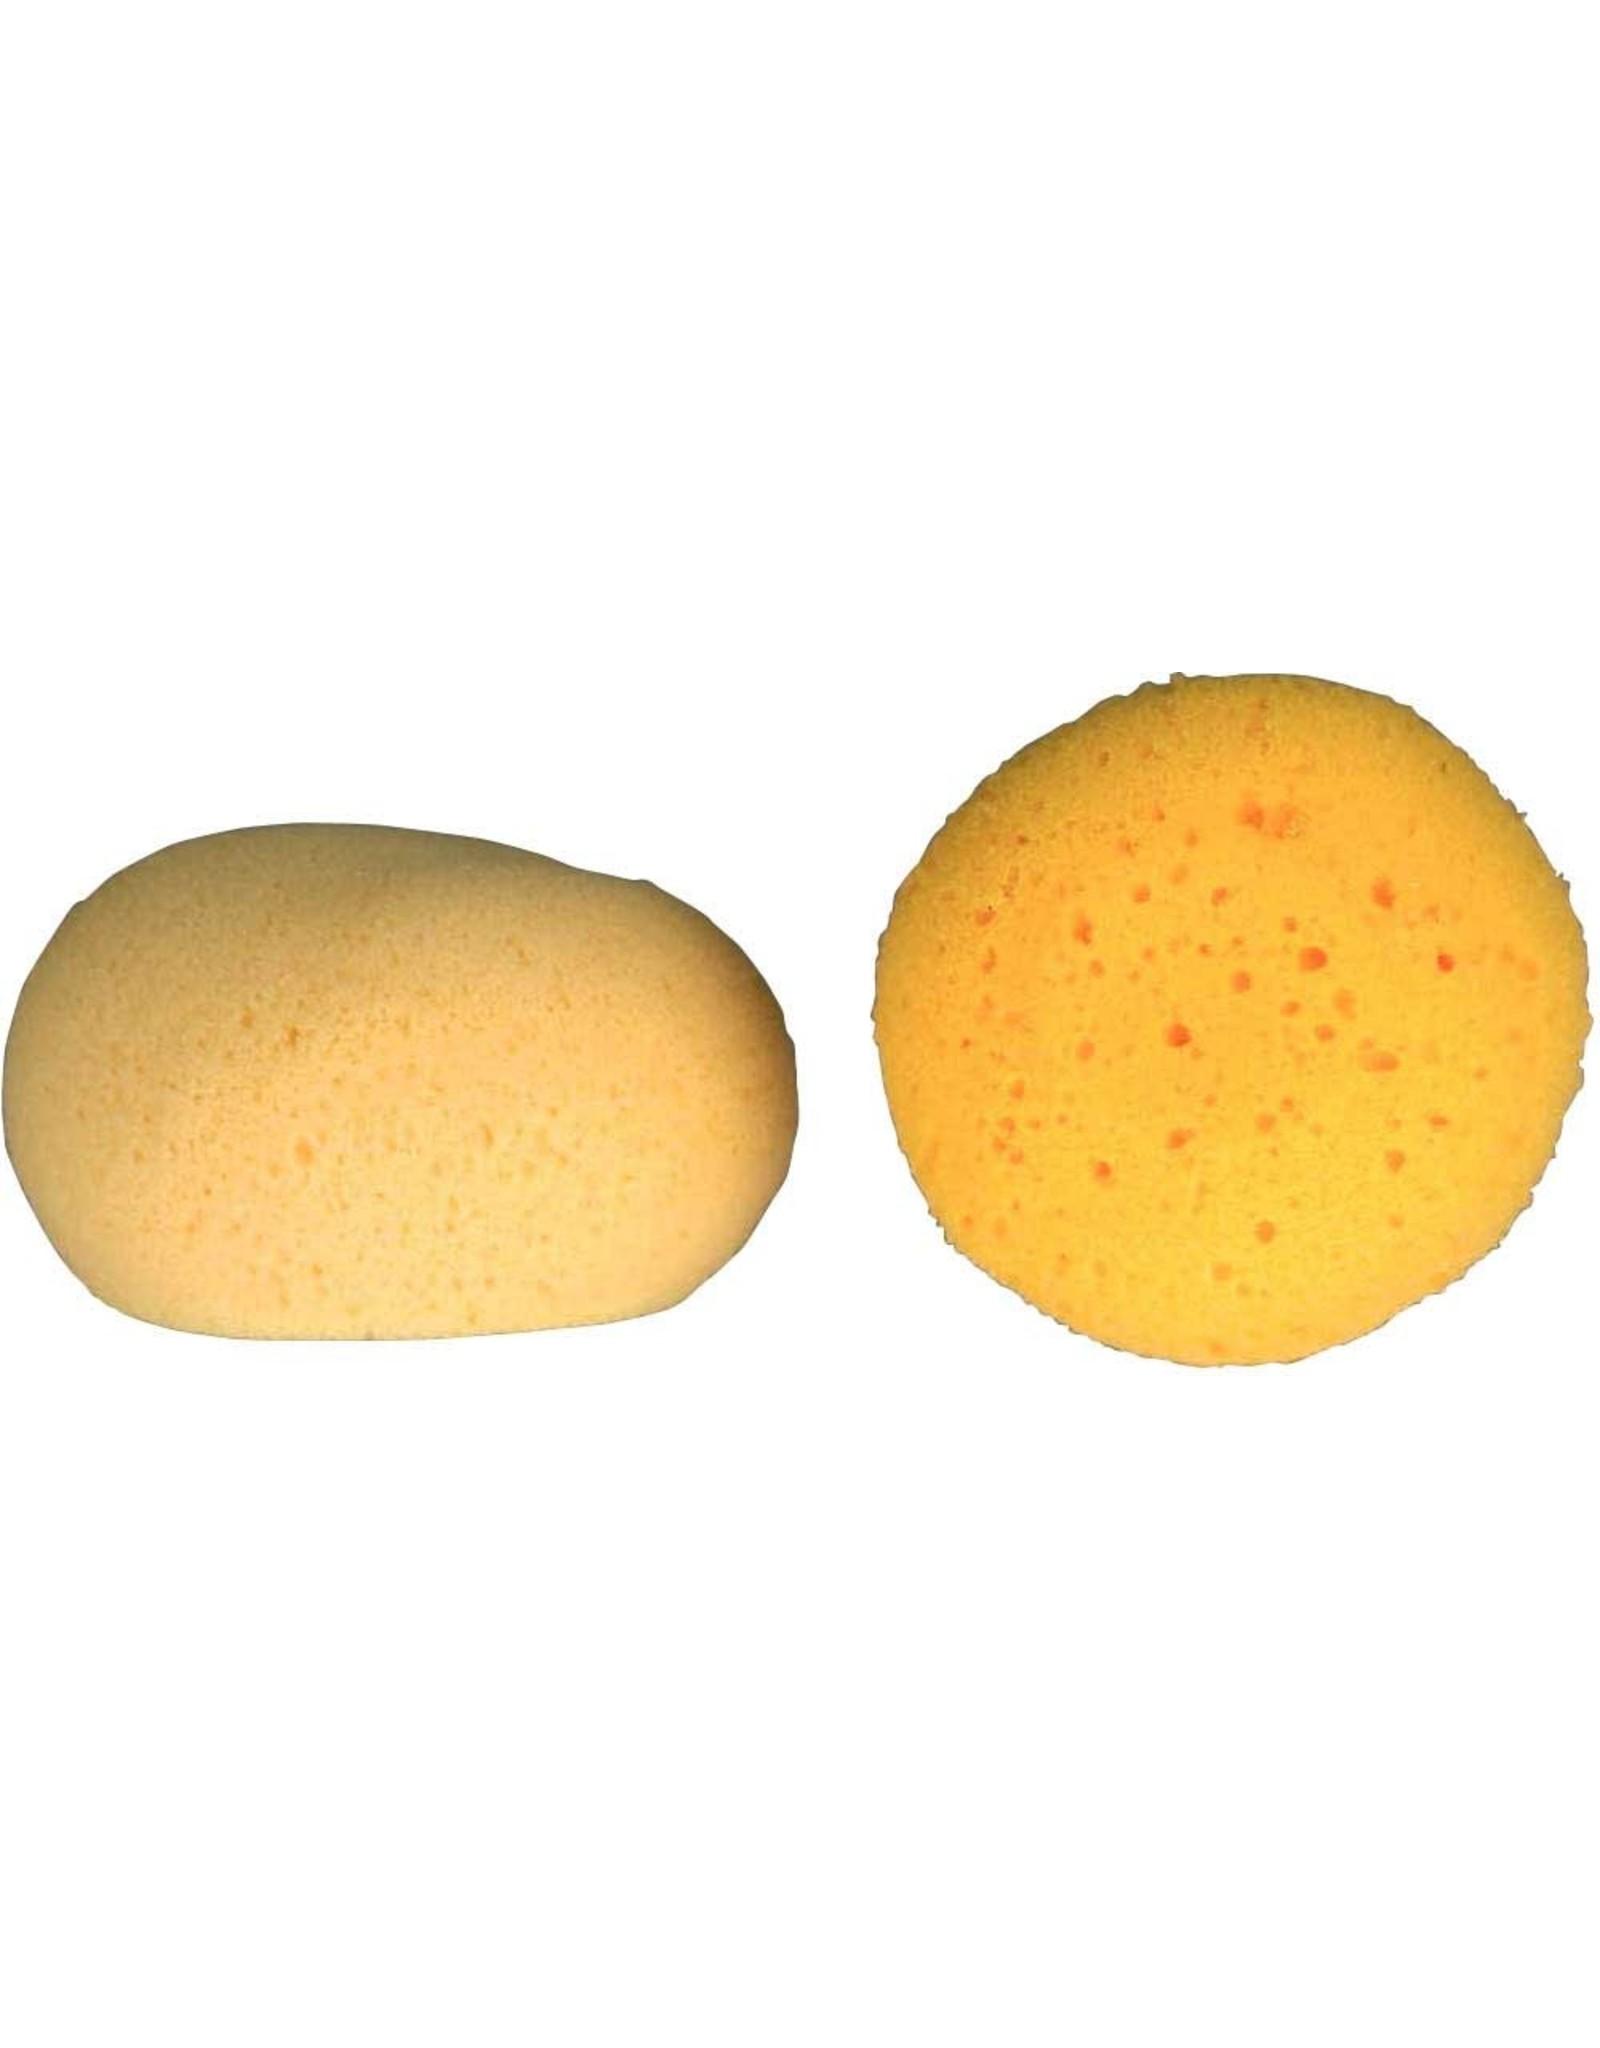 Sponge Hadera II Tack Sponge